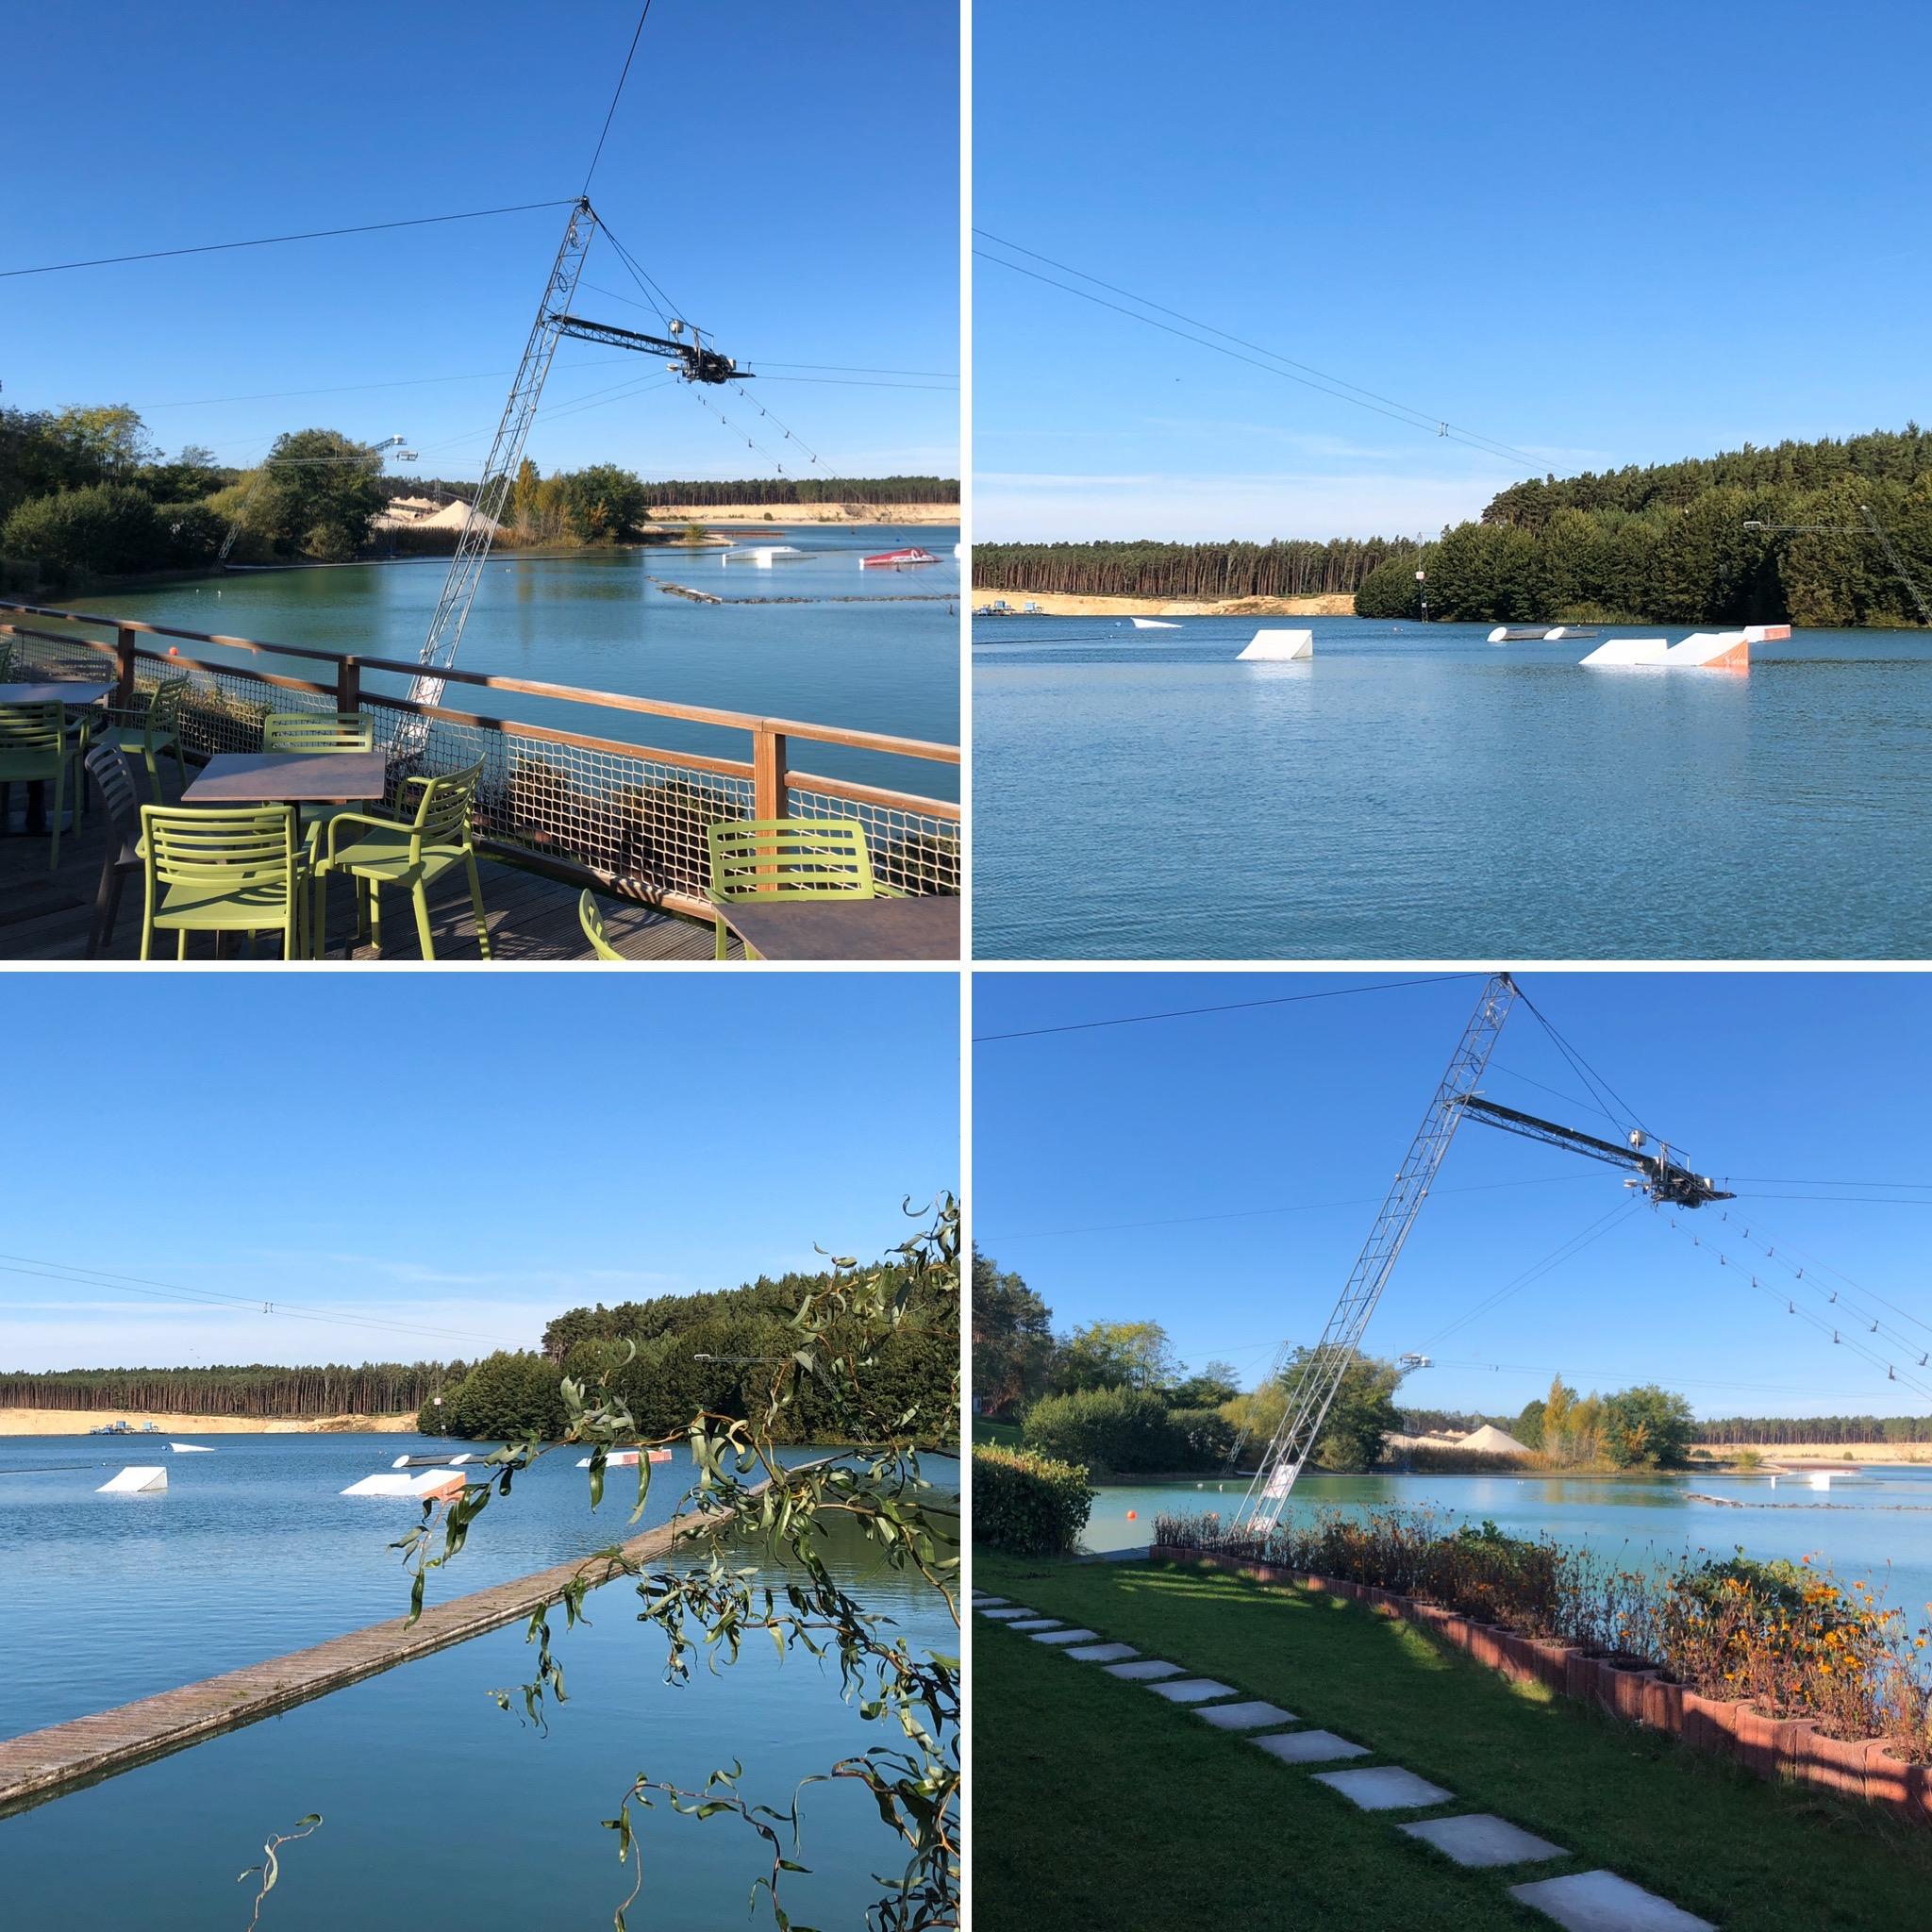 Öffnungszeiten - Wasserskipark Zossen